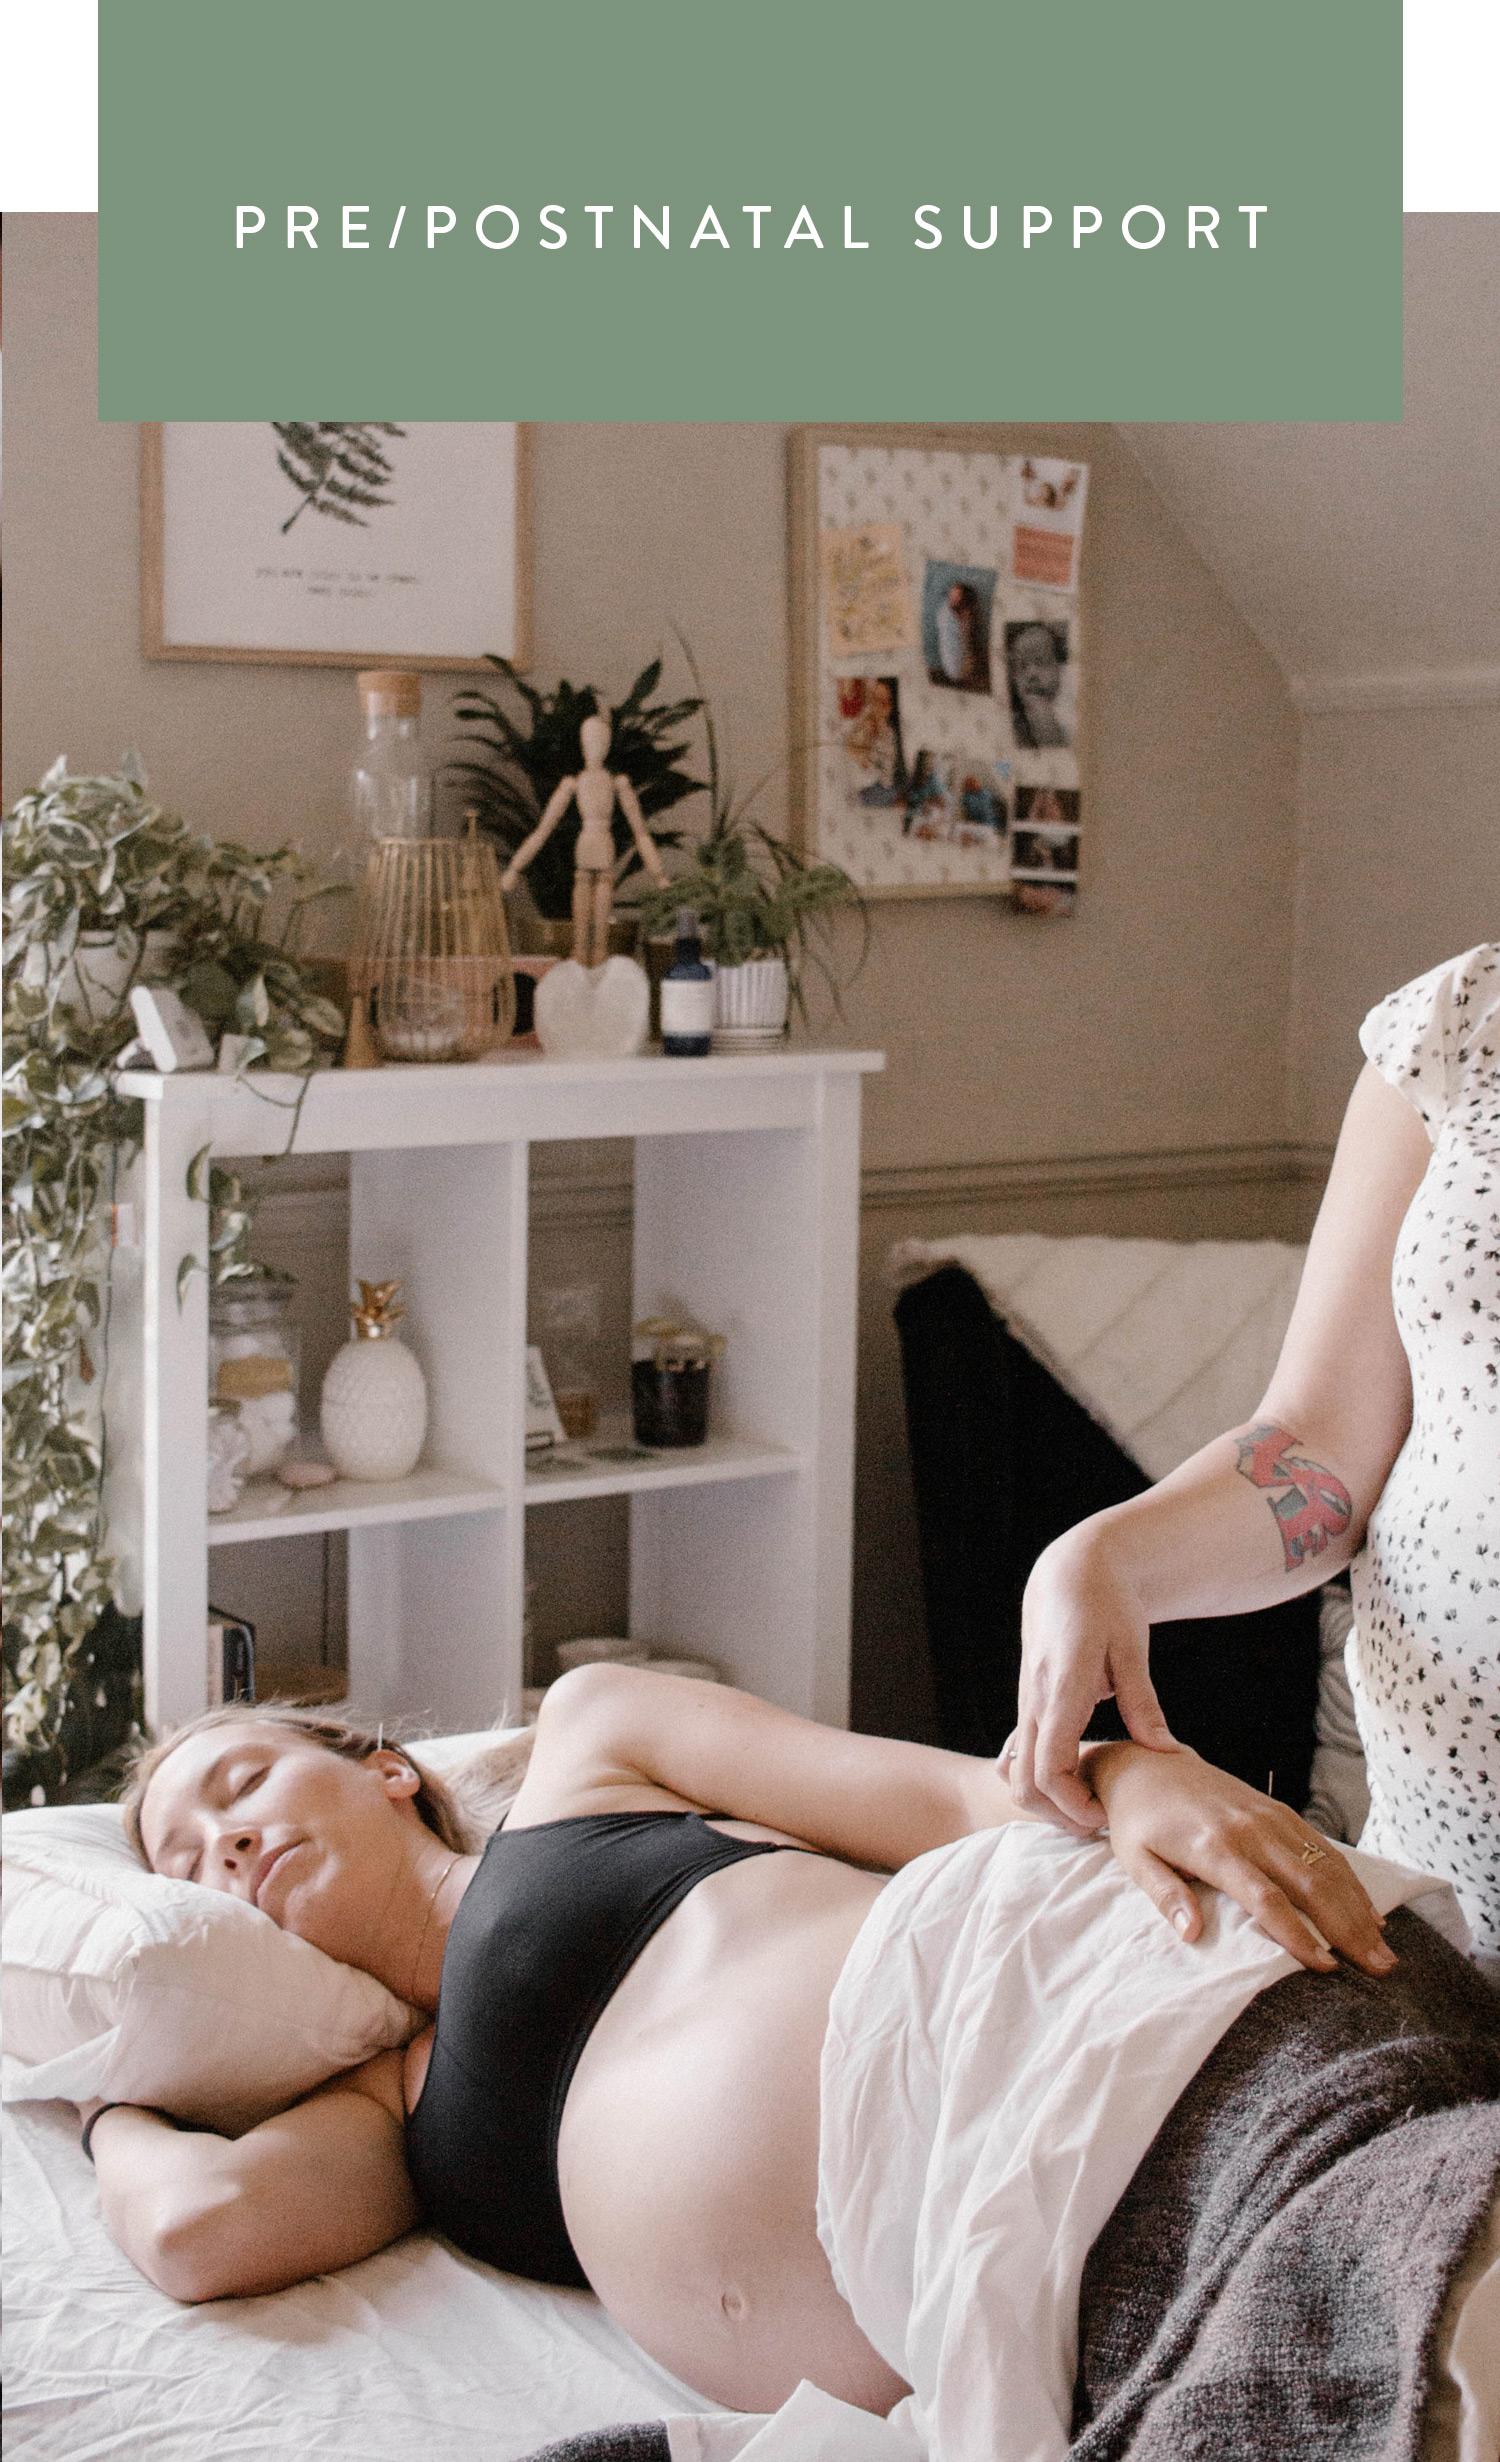 sasha-ormiston-acupuncture_victoria-bc-prenatal-postnatal-acupuncture-services.jpg